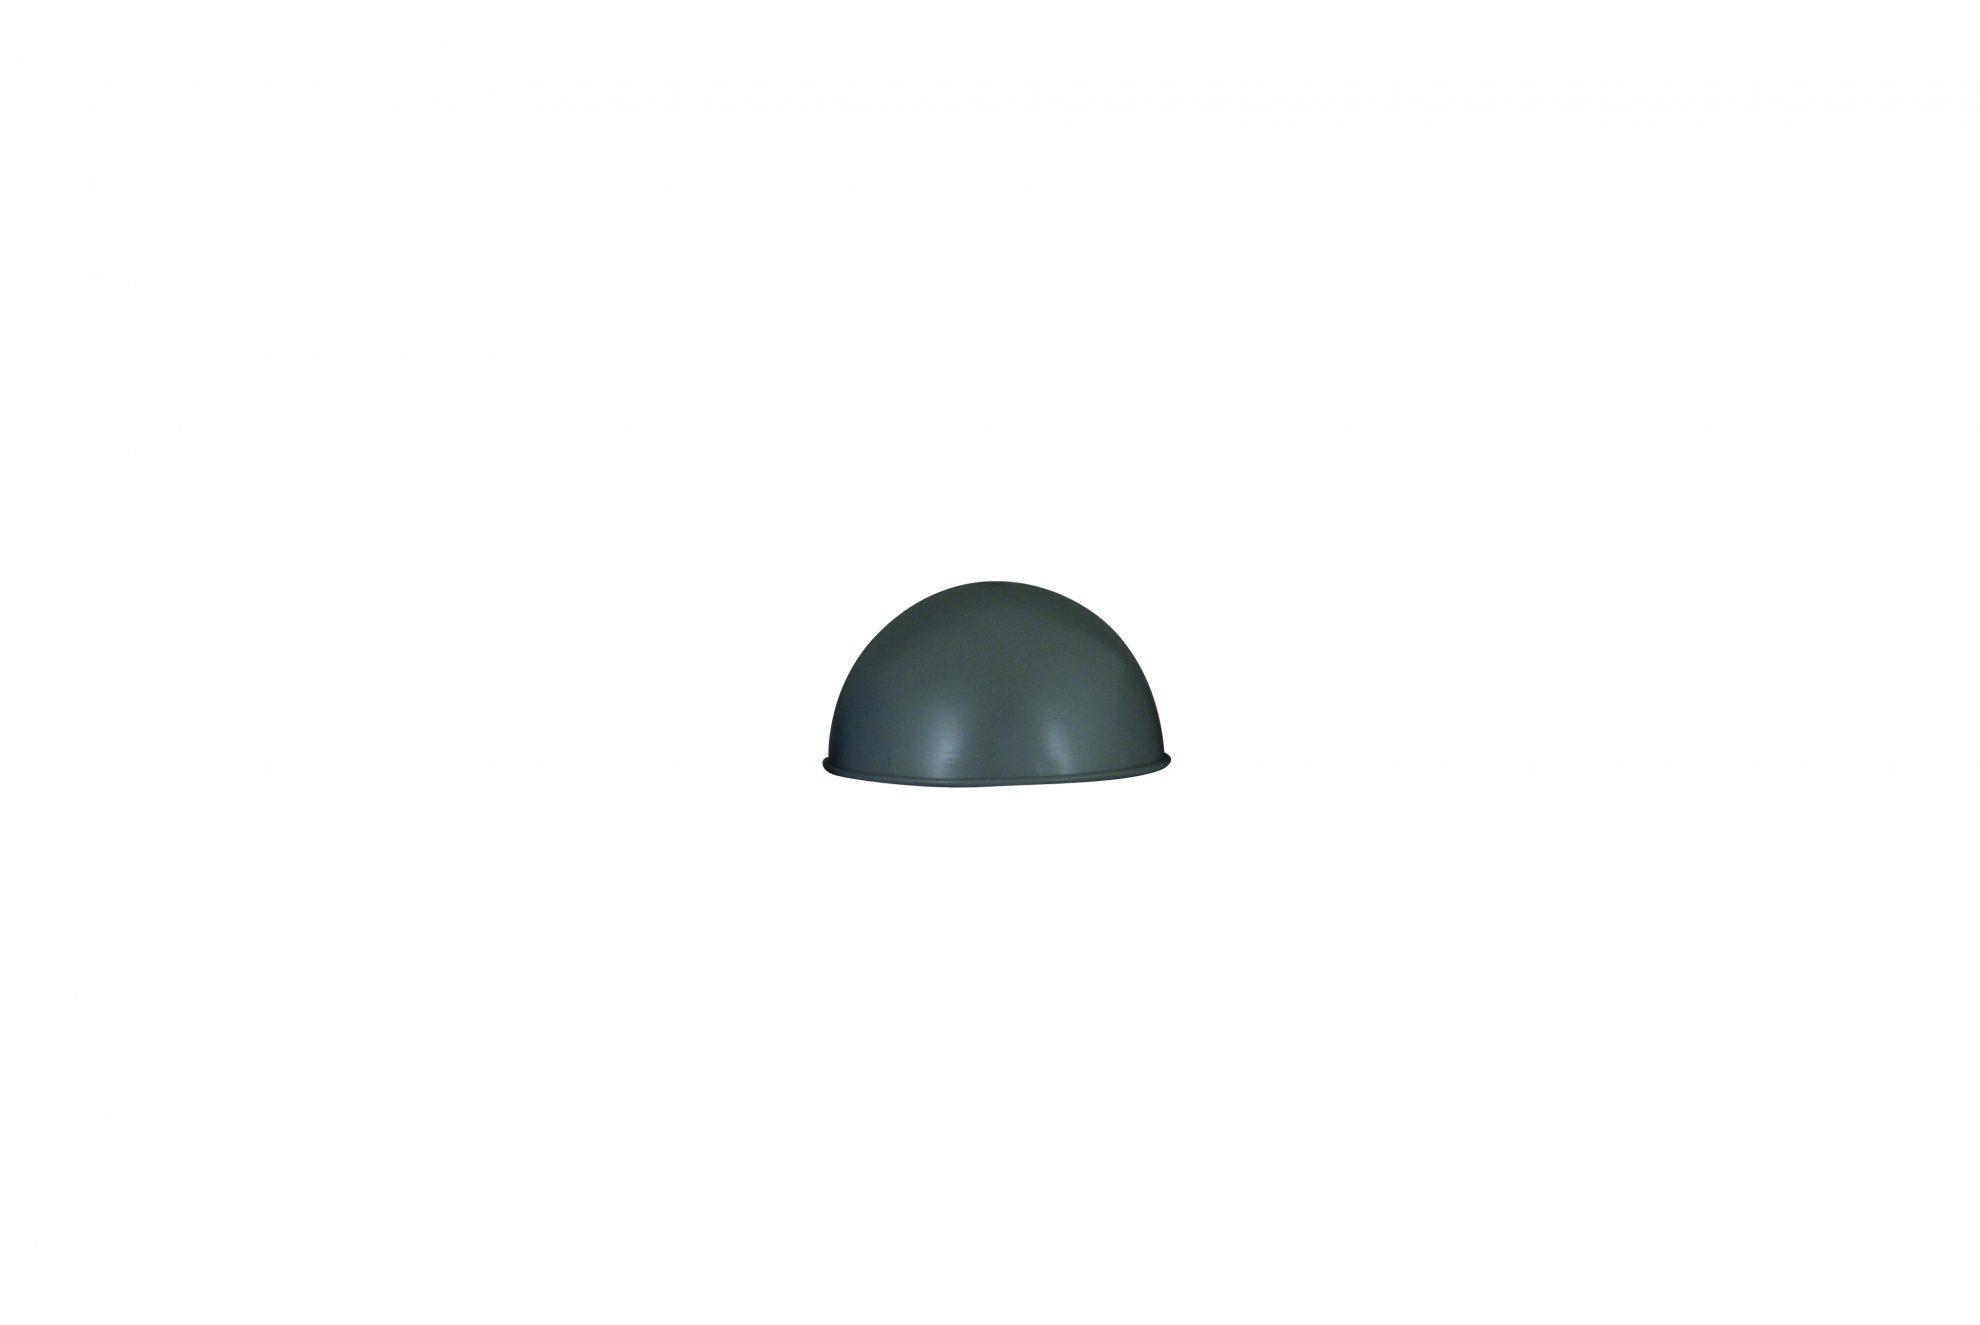 Καπέλο φωτιστικού στρόγγυλο μεταλλικό γκρι 17x9xcm Home Lighting 77-3325